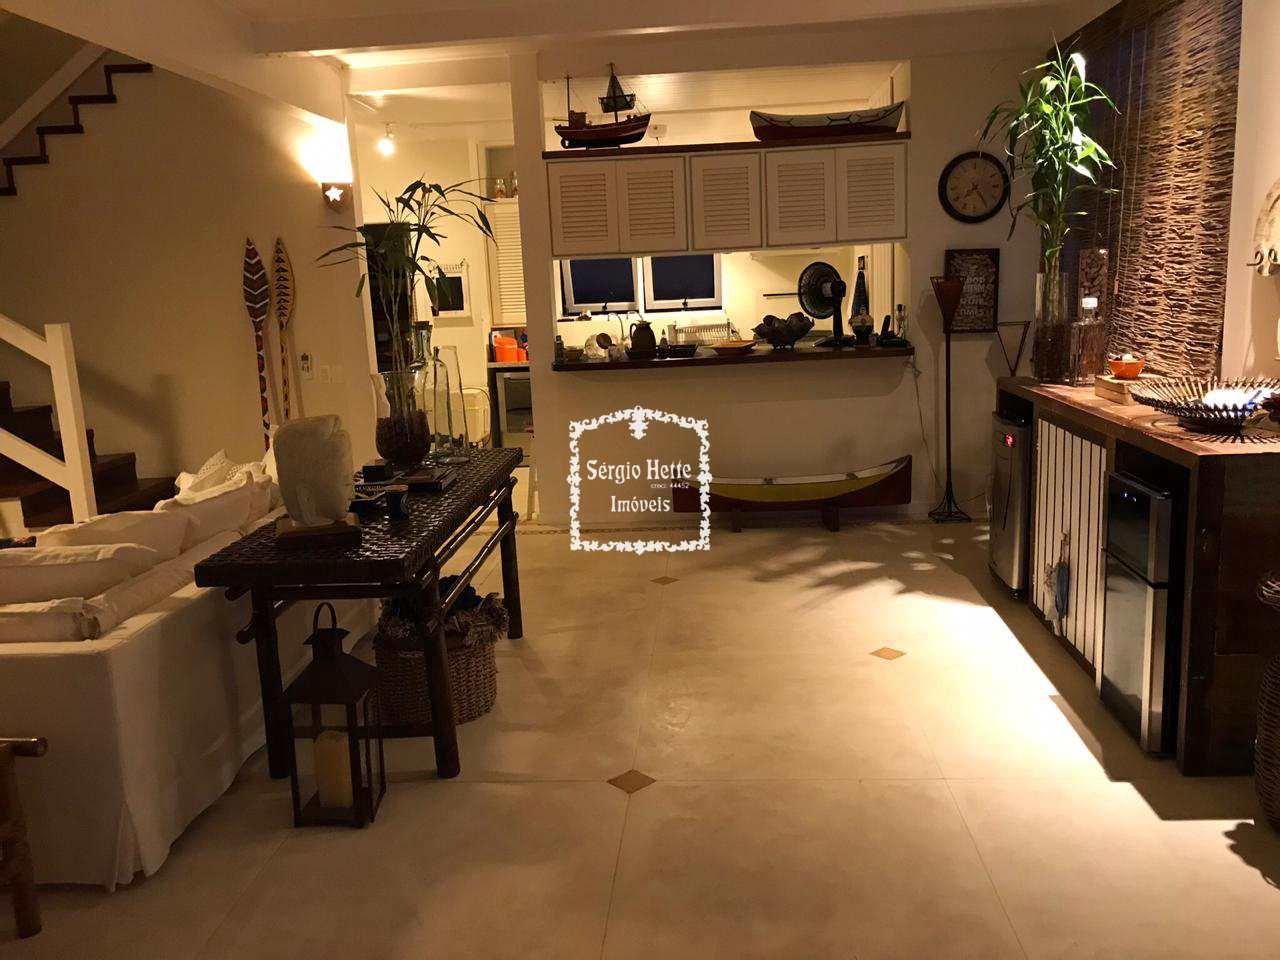 Casa, condomínio Alto Padrão, com vista - Ilhabela - R$ 2.95 mi